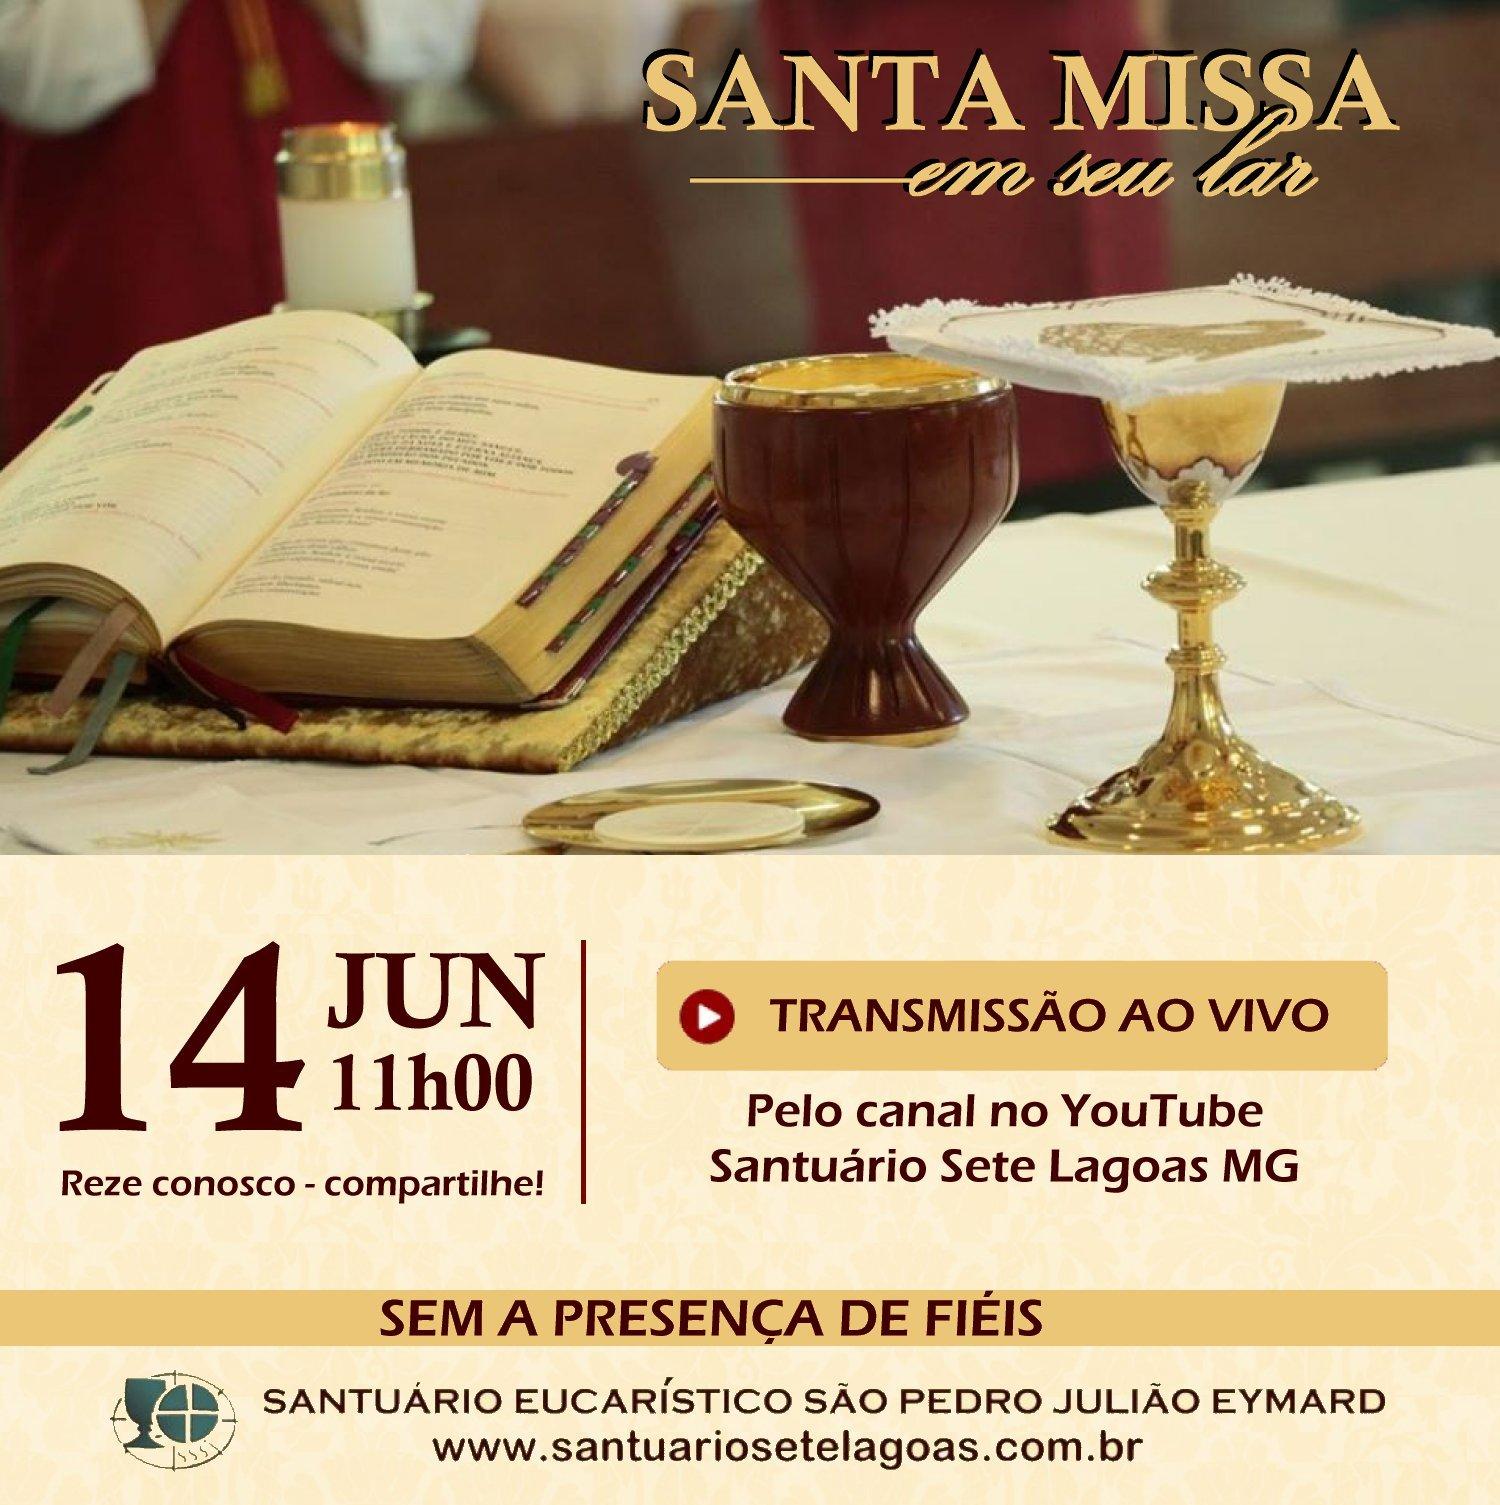 Santa Missa com transmissão ao vivo, domingo 14/06. Participe!